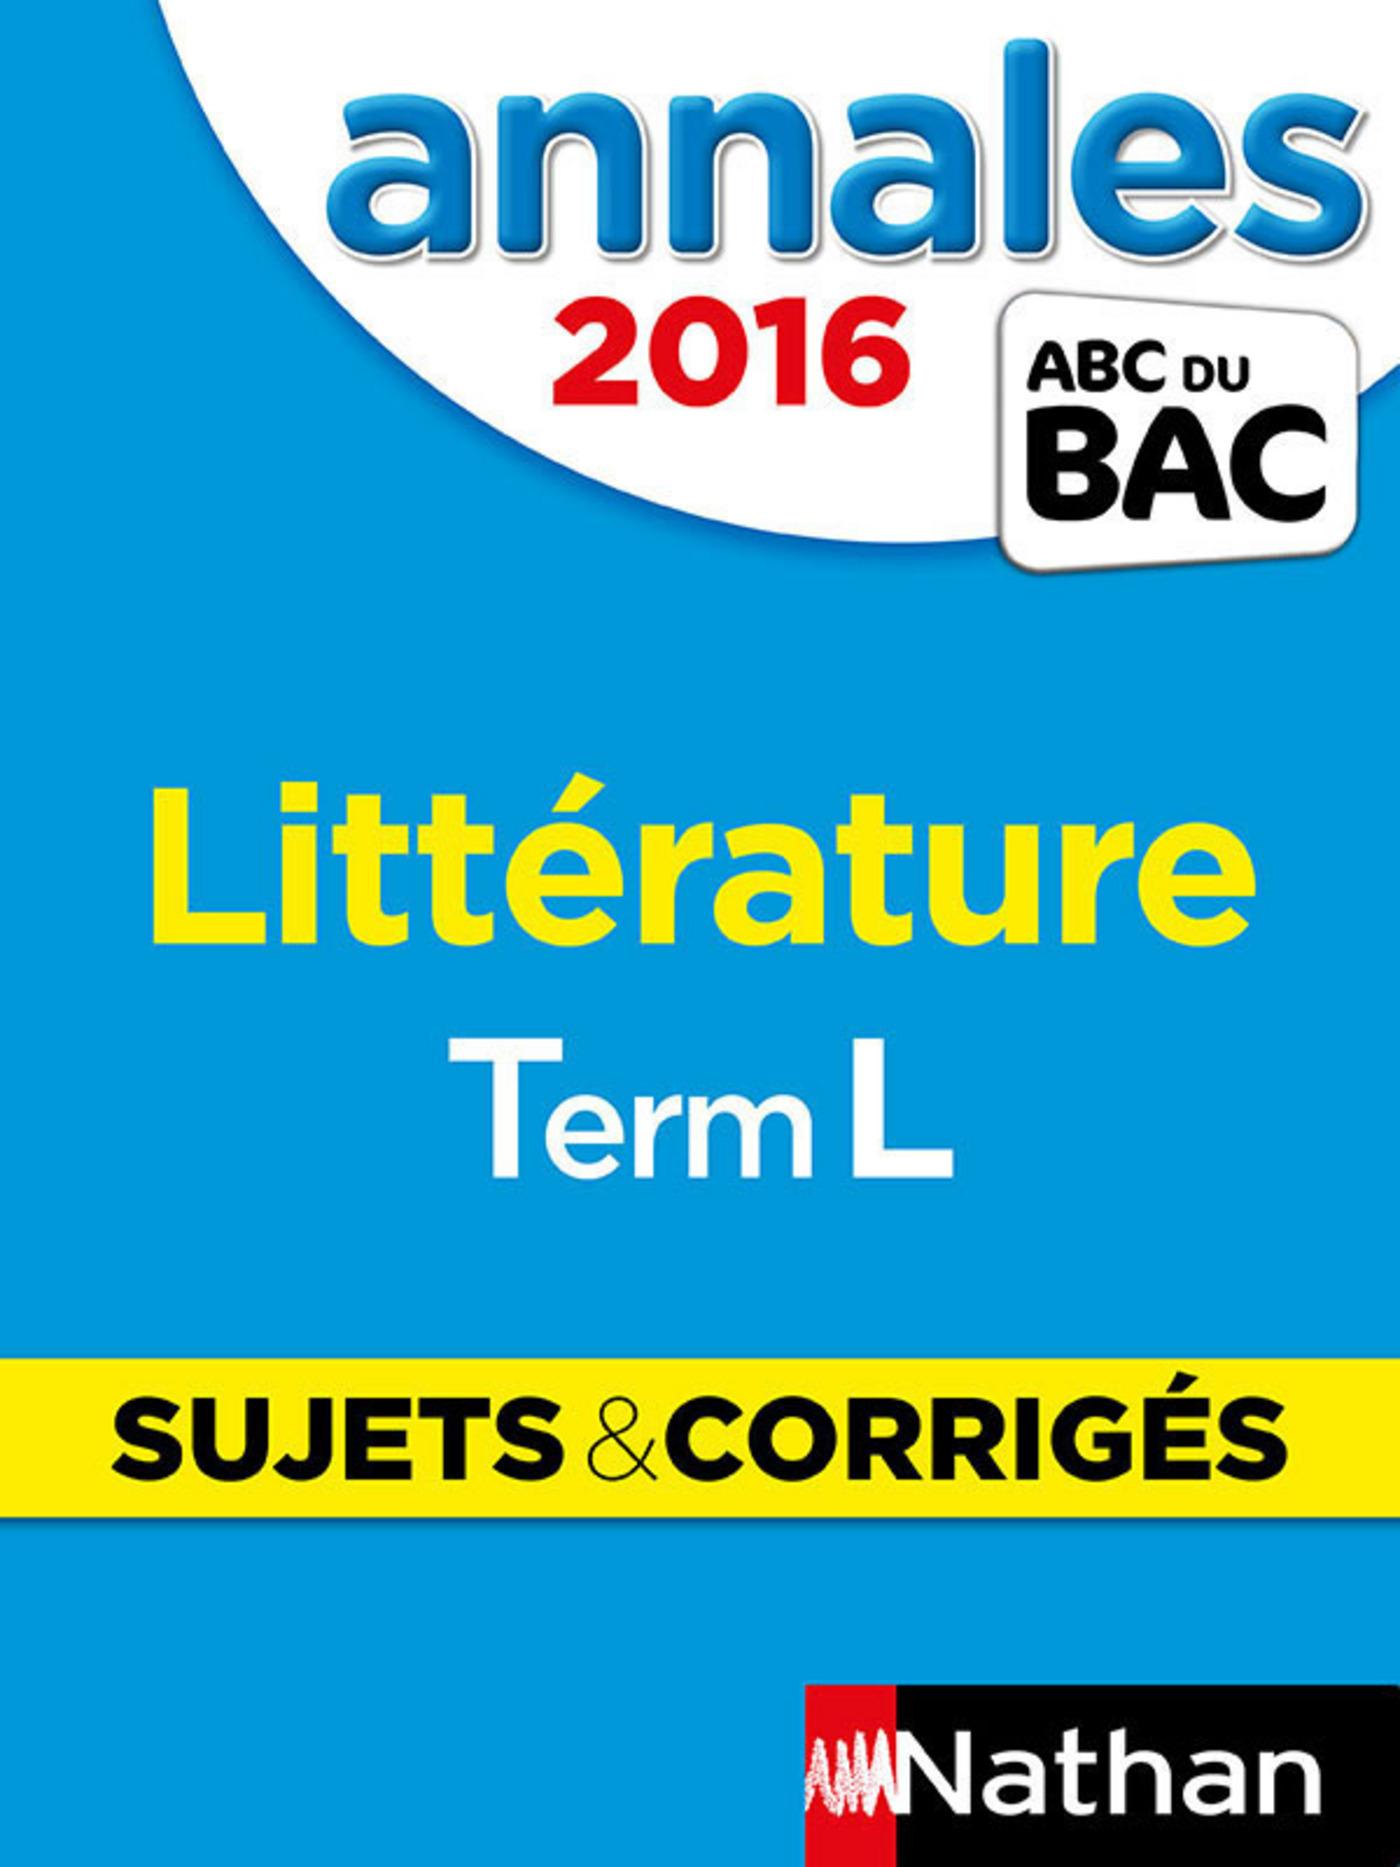 ANNALES BAC 2016 LITTERATURE TERM L SUJETS & CORRIGES